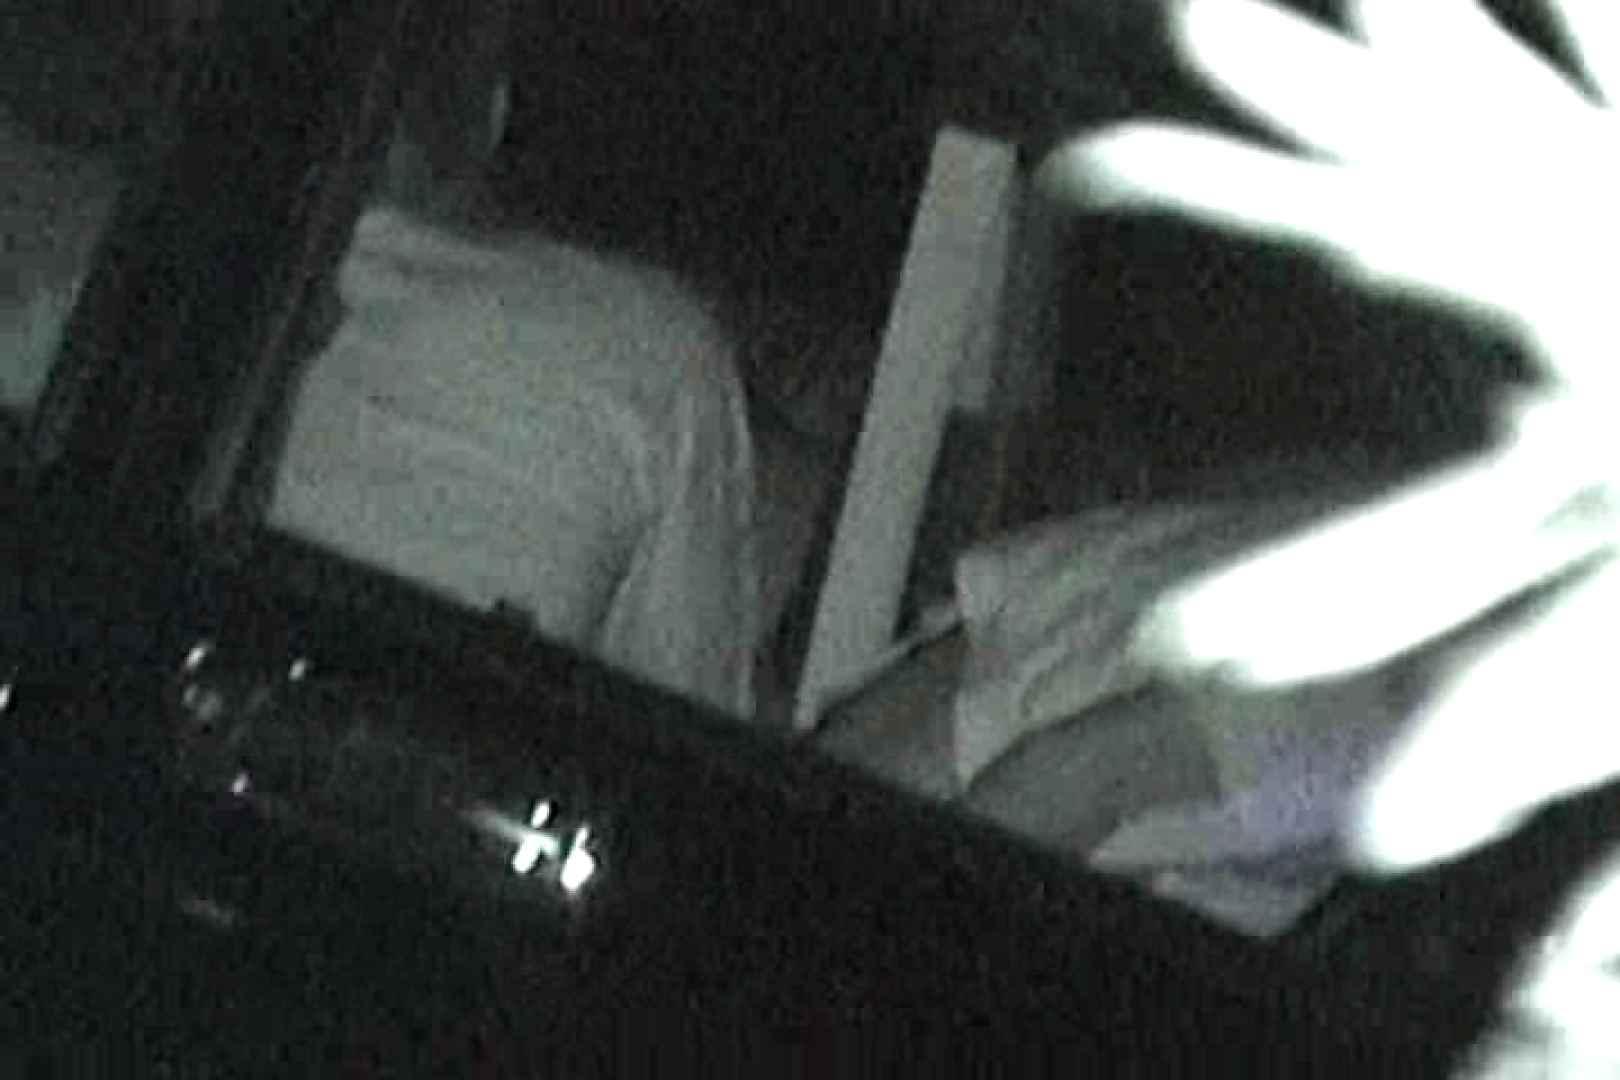 充血監督の深夜の運動会Vol.8 チクビ オマンコ無修正動画無料 106画像 74